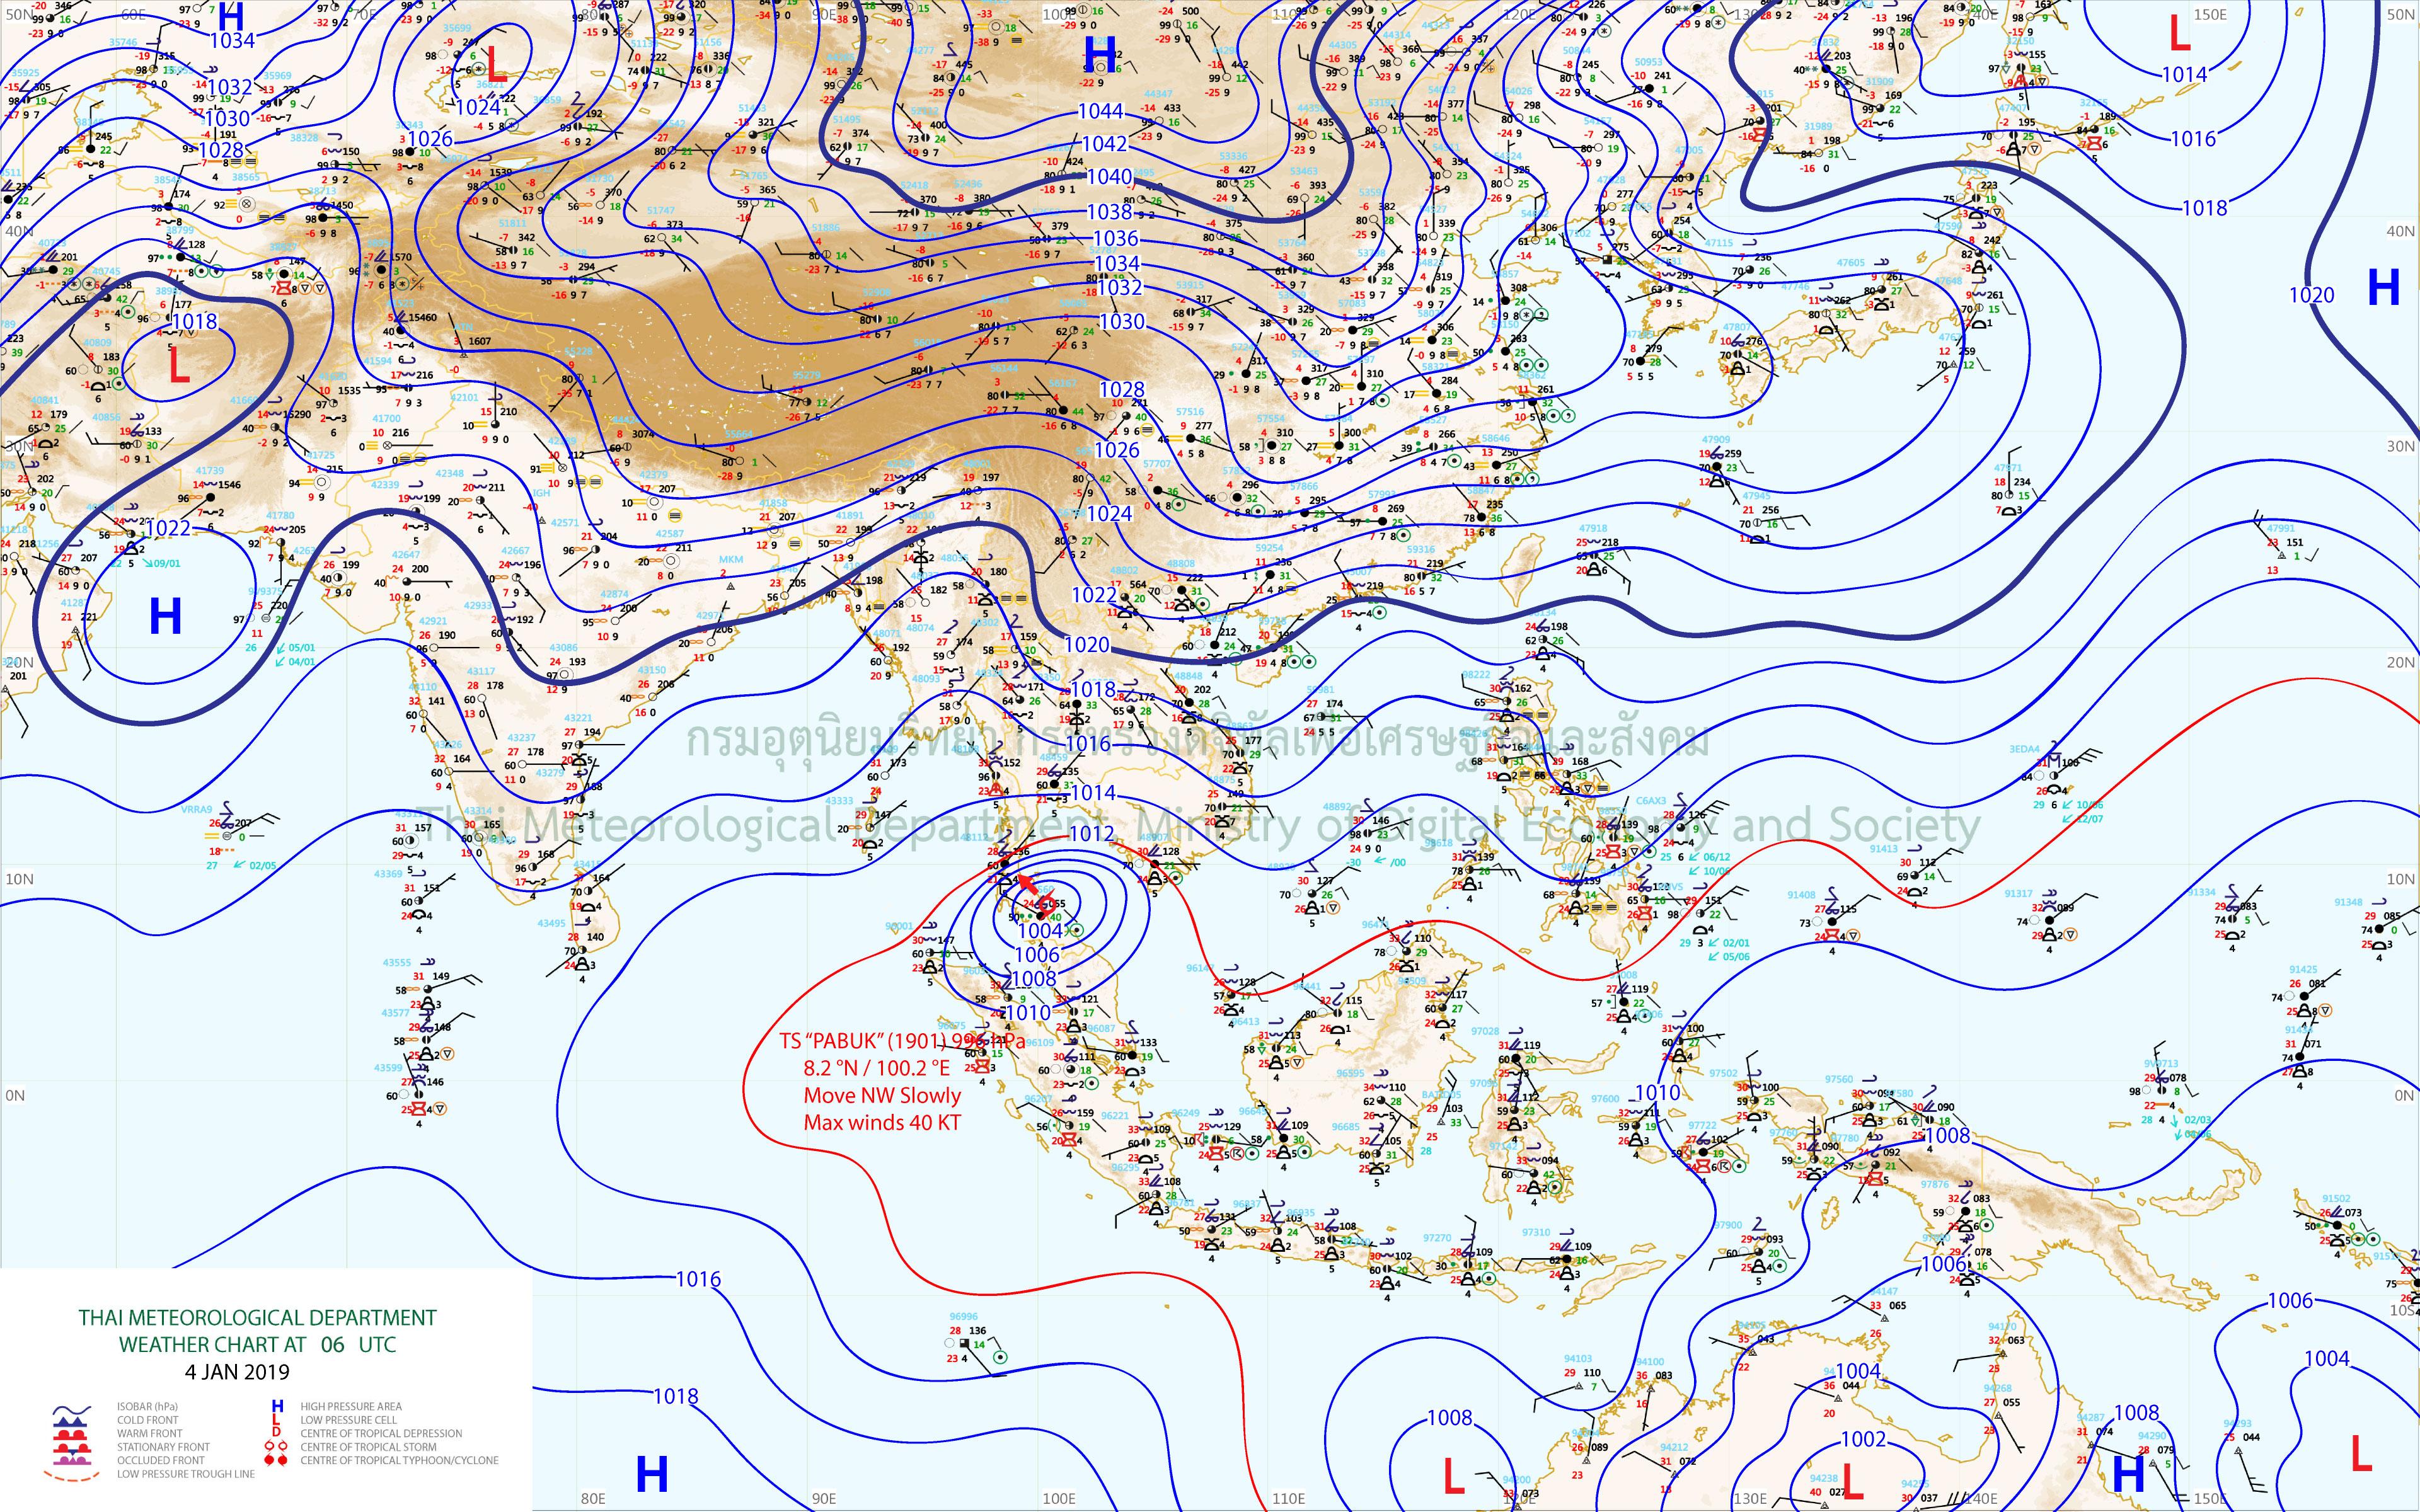 Des vagues de plusieurs mètres peuvent se former dans le golfe de Thaïlande et dans la mer d'Andaman - DR : image du Centre météorologique thaïlandais